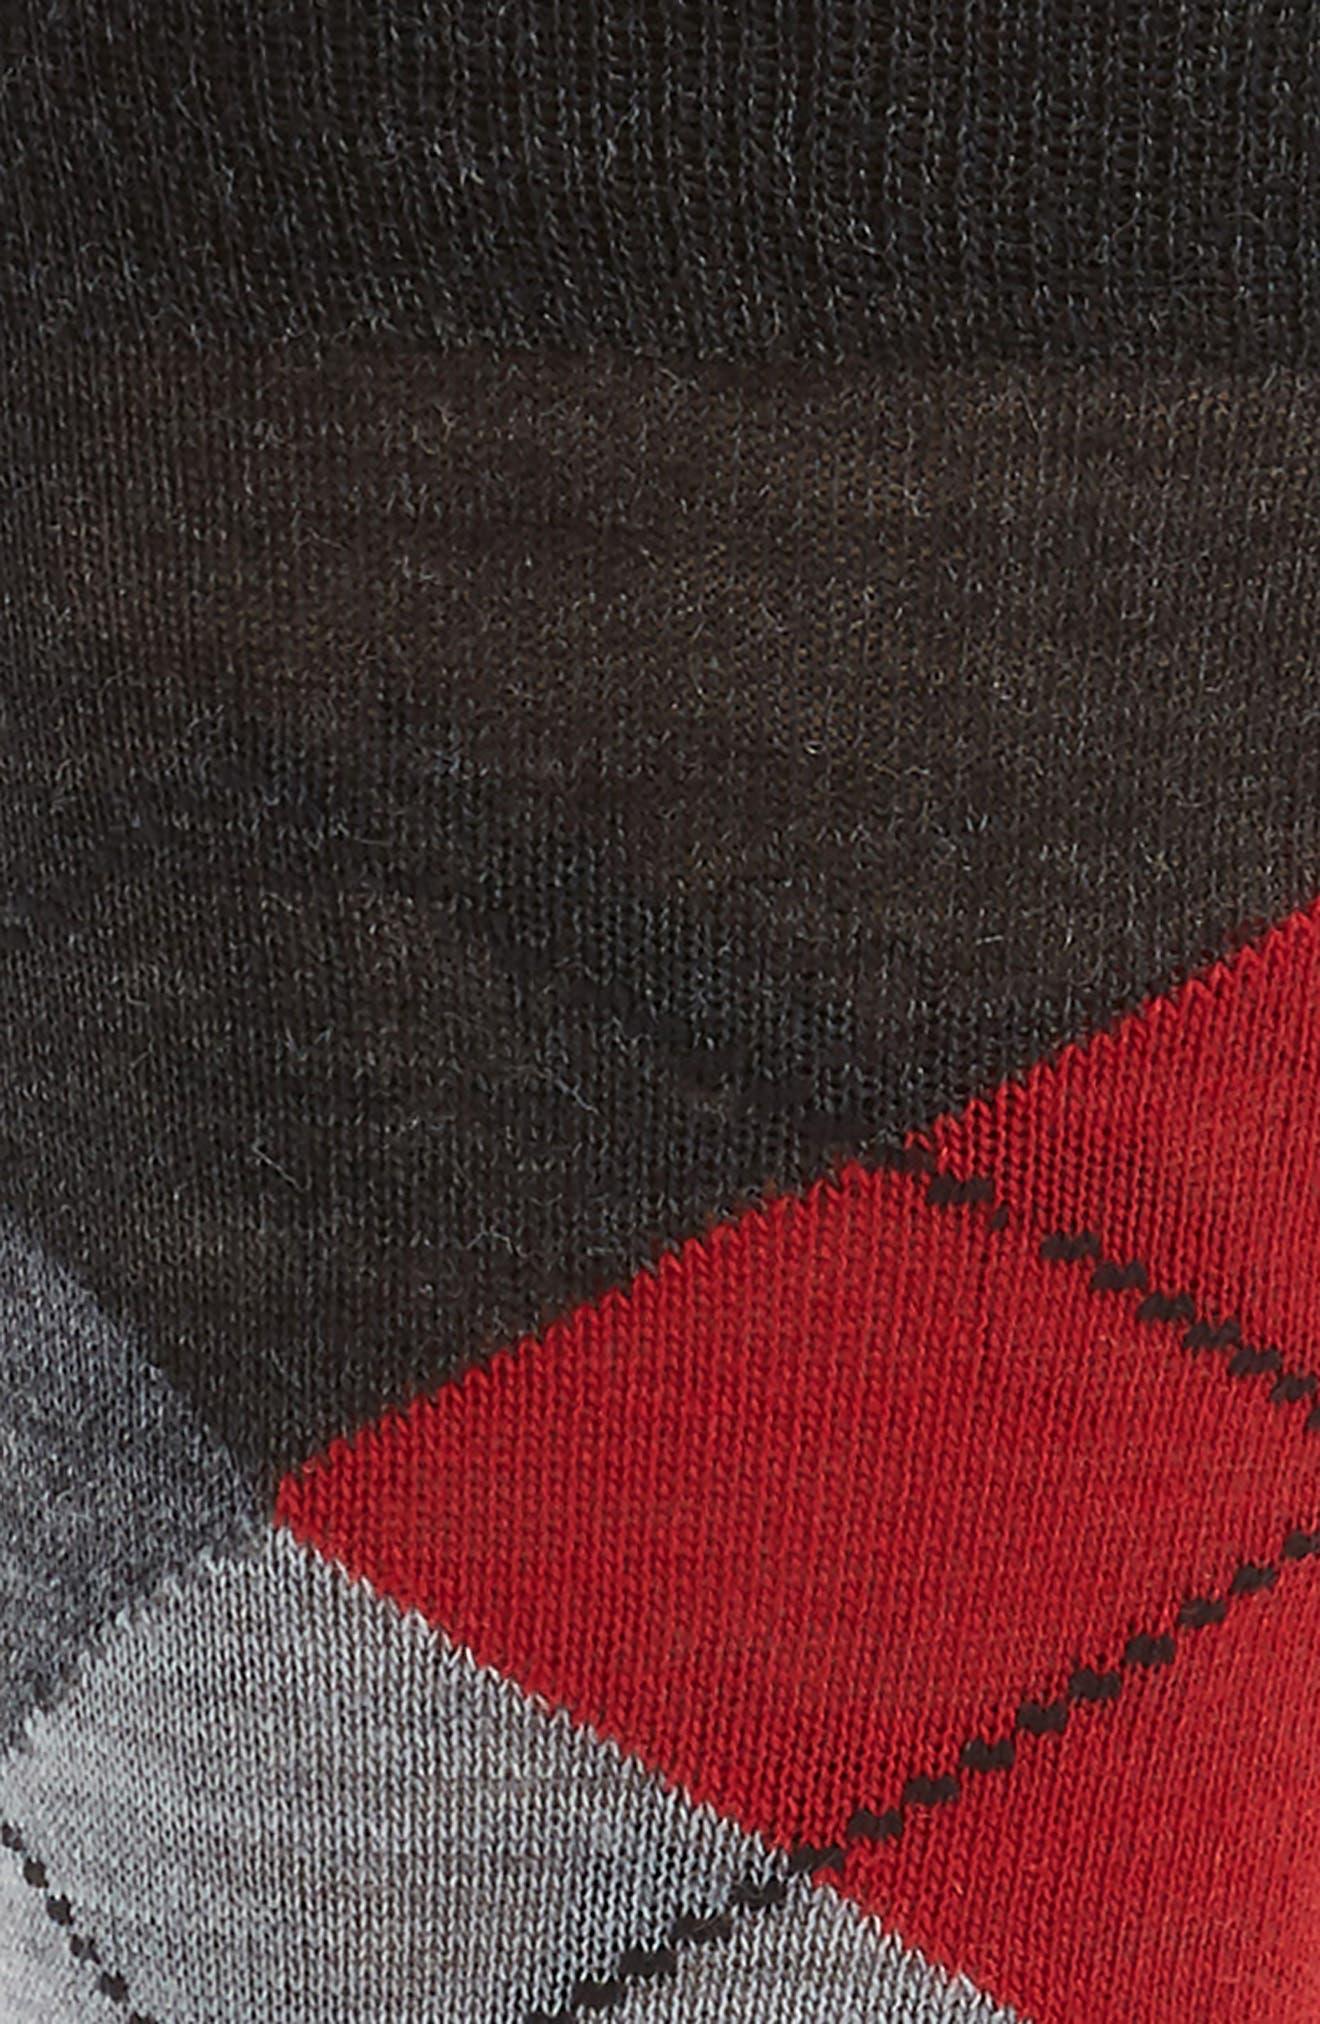 Argyle Socks,                             Alternate thumbnail 3, color,